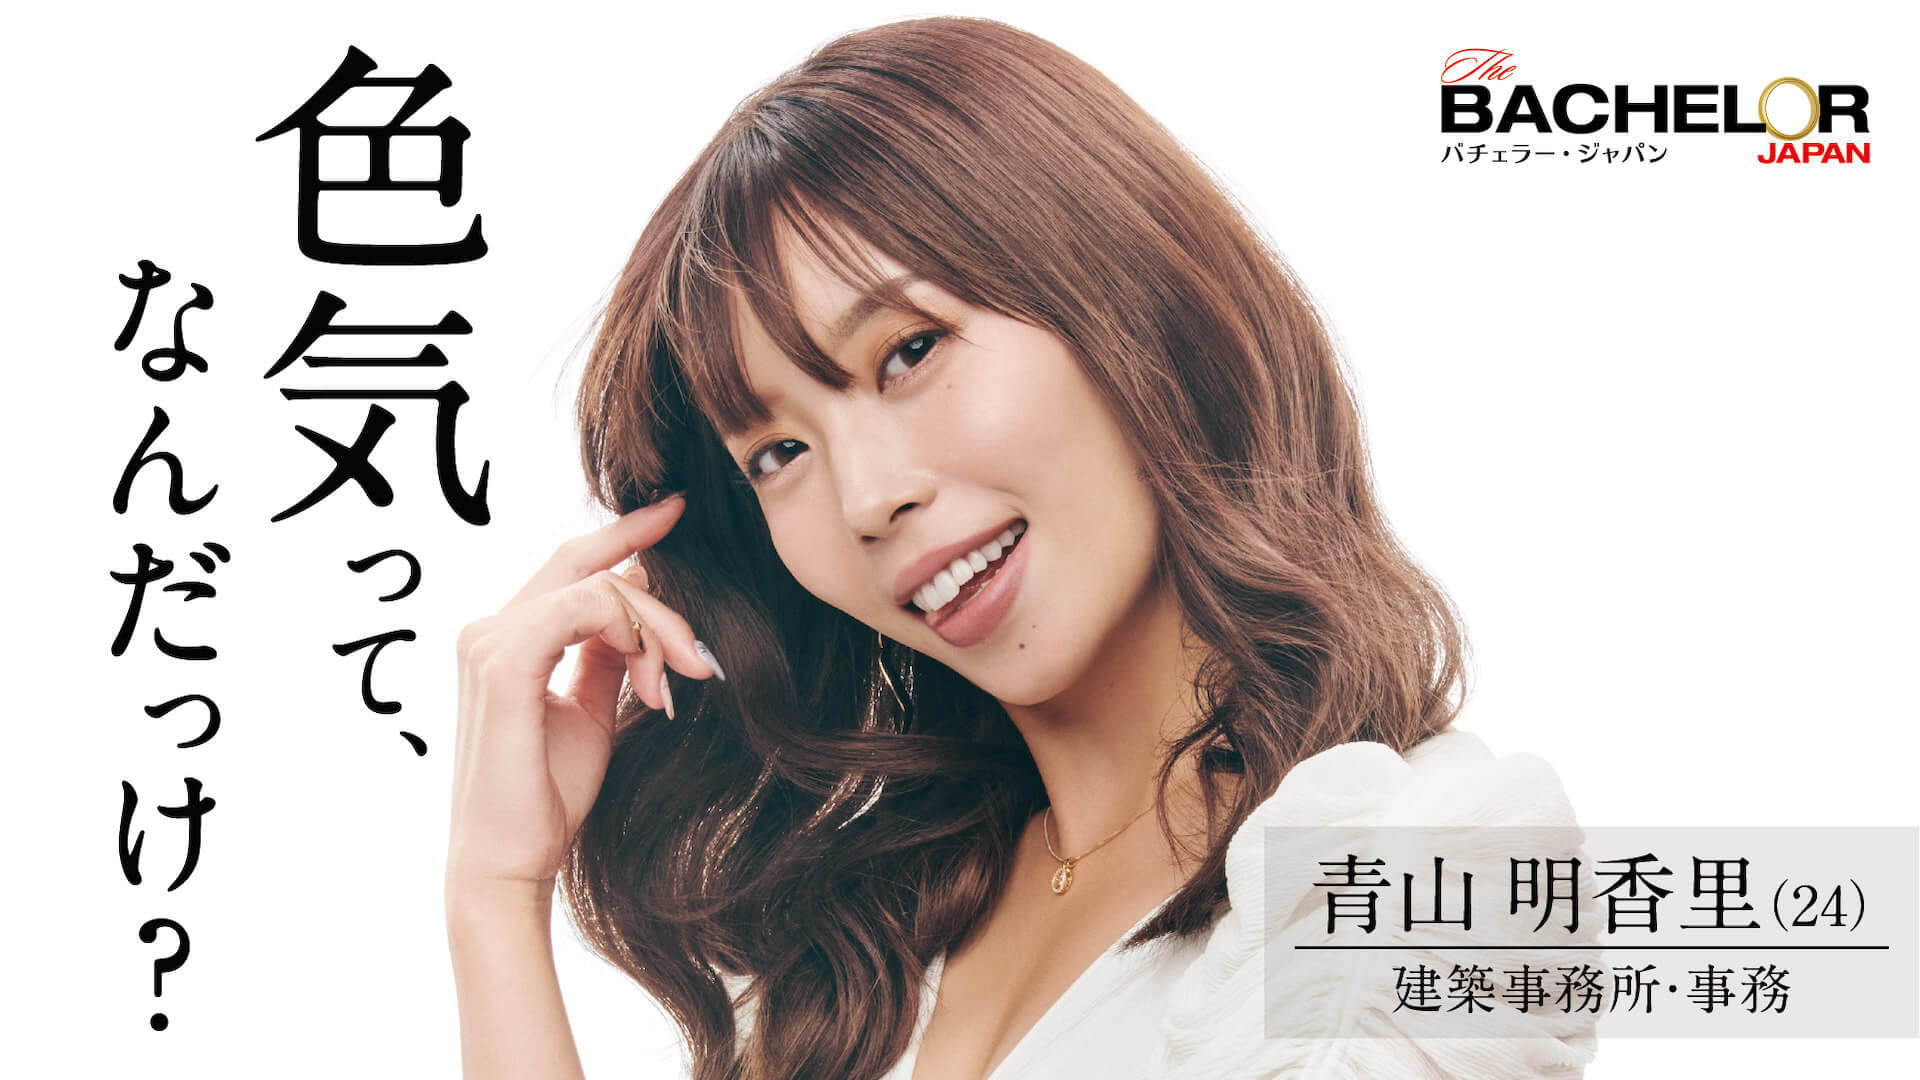 モデル、レディ・ユニバース2020日本代表、医者、経営者など続々登場!『バチェラー・ジャパン』シーズン4の女性参加者15名が一挙発表 art211007_bacelorjapan_6